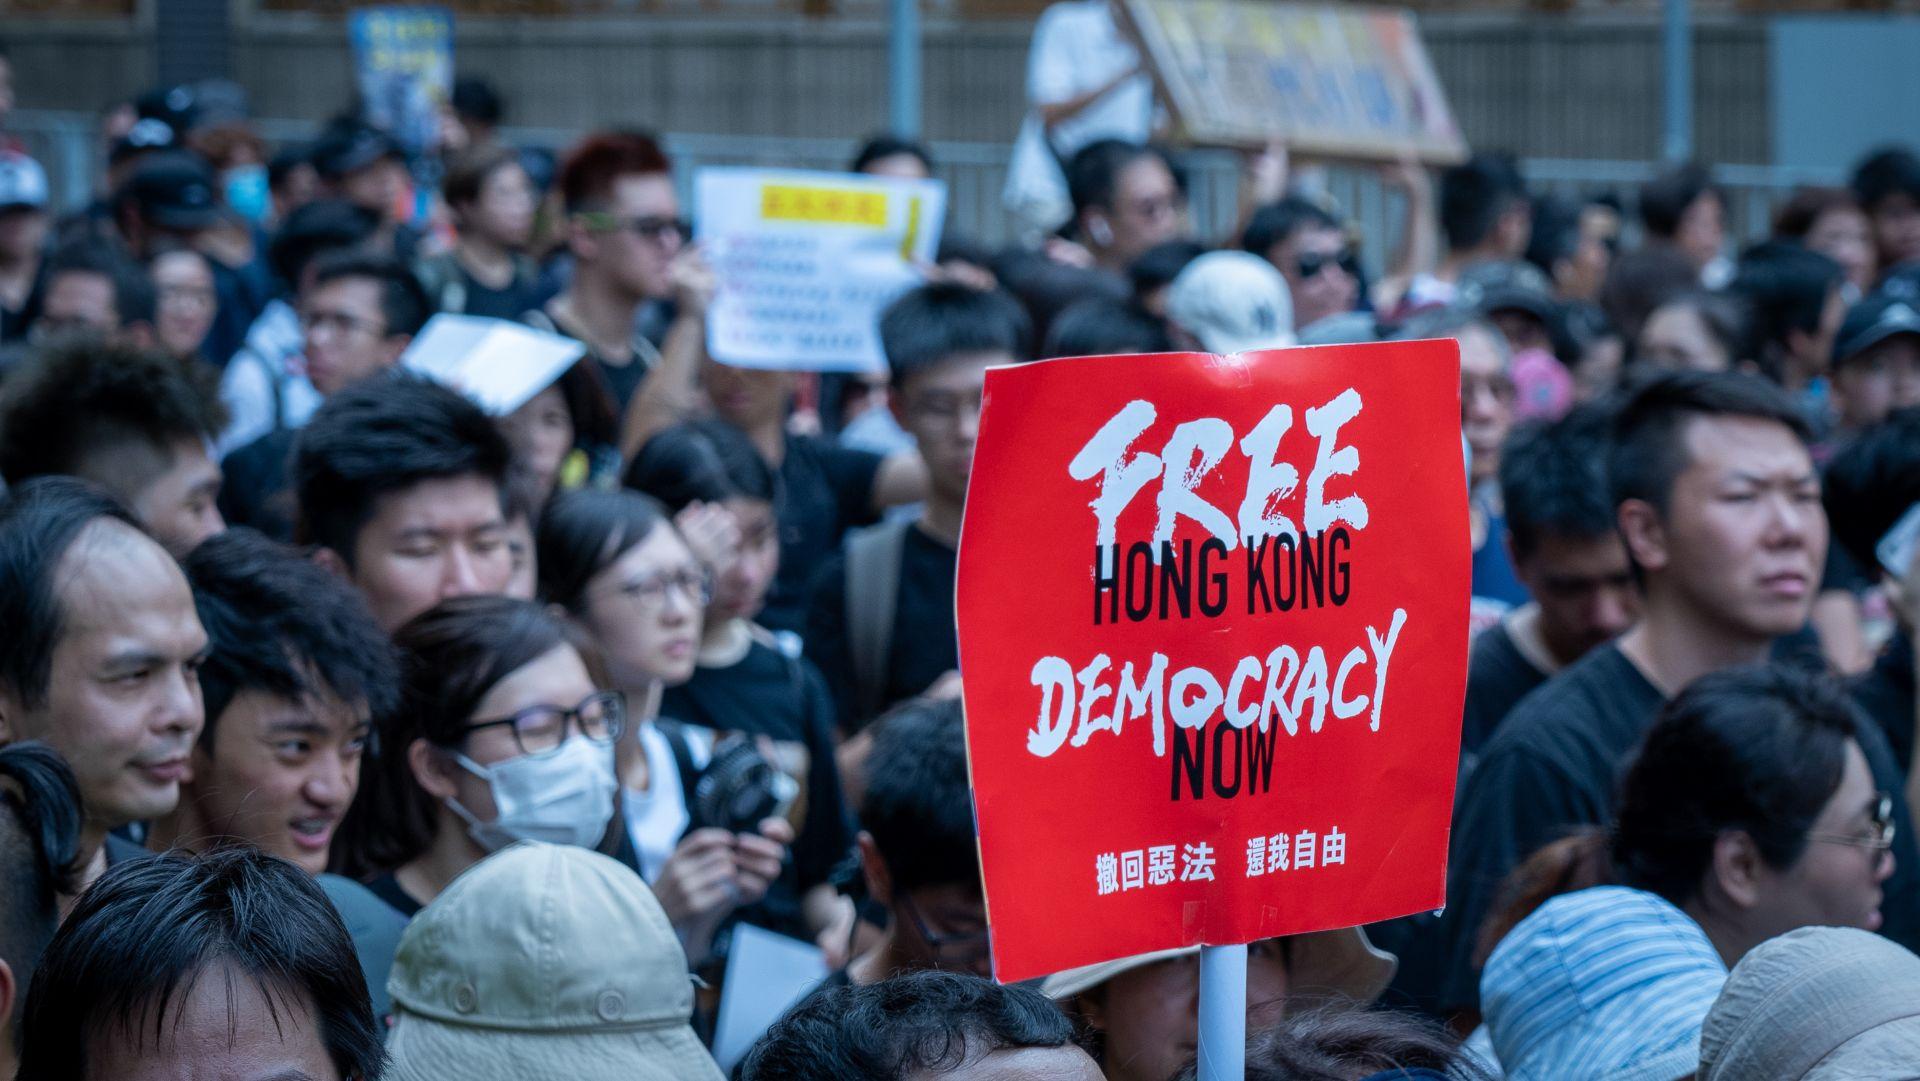 臺灣集遊法也禁蒙面? 律師:臺灣遊行沒被限制過,但香港已侵害人權